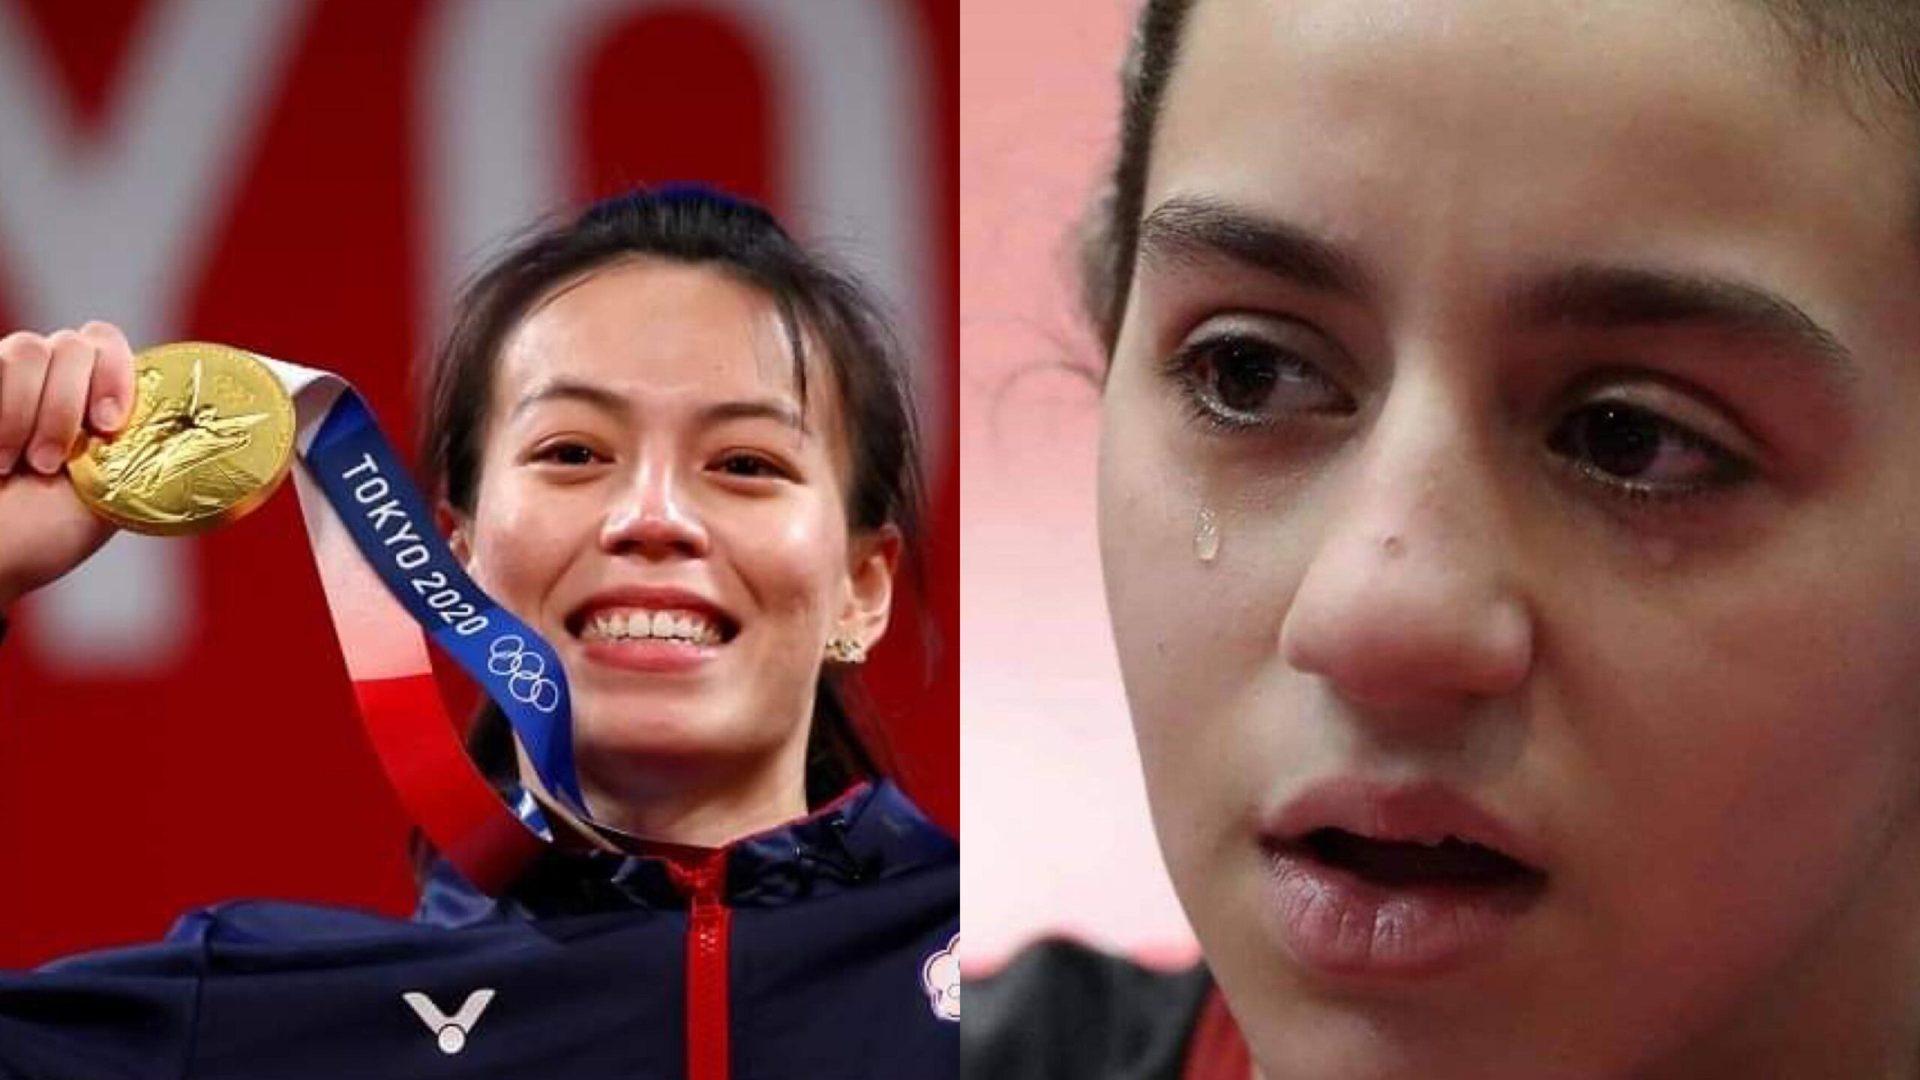 他們在奧運會零獎牌,卻值得全世界的掌聲… – 我們用電影寫日記